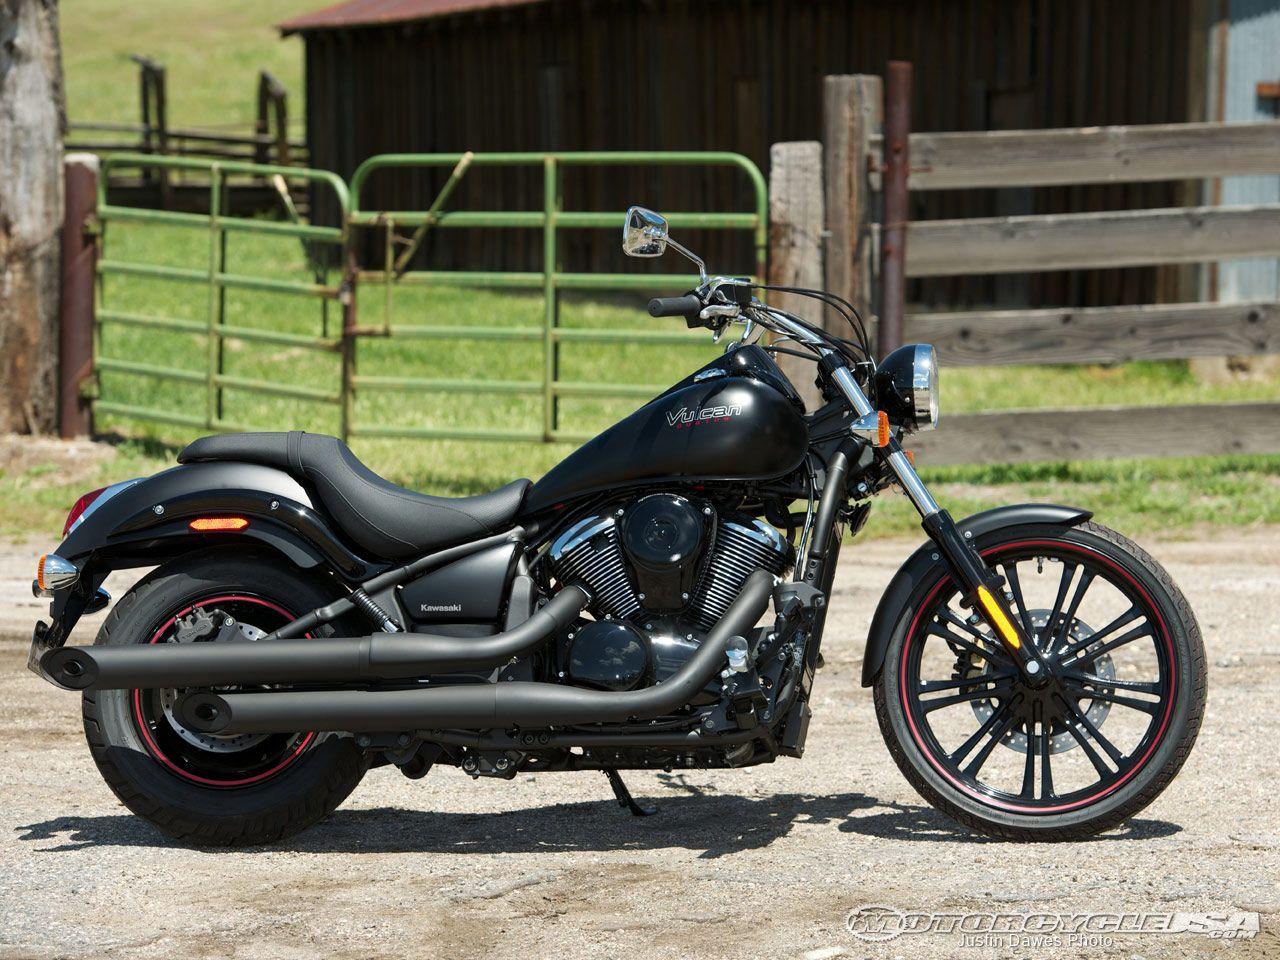 2012 Kawasaki Vulcan 900 Custom Comparison Photo Gallery ...